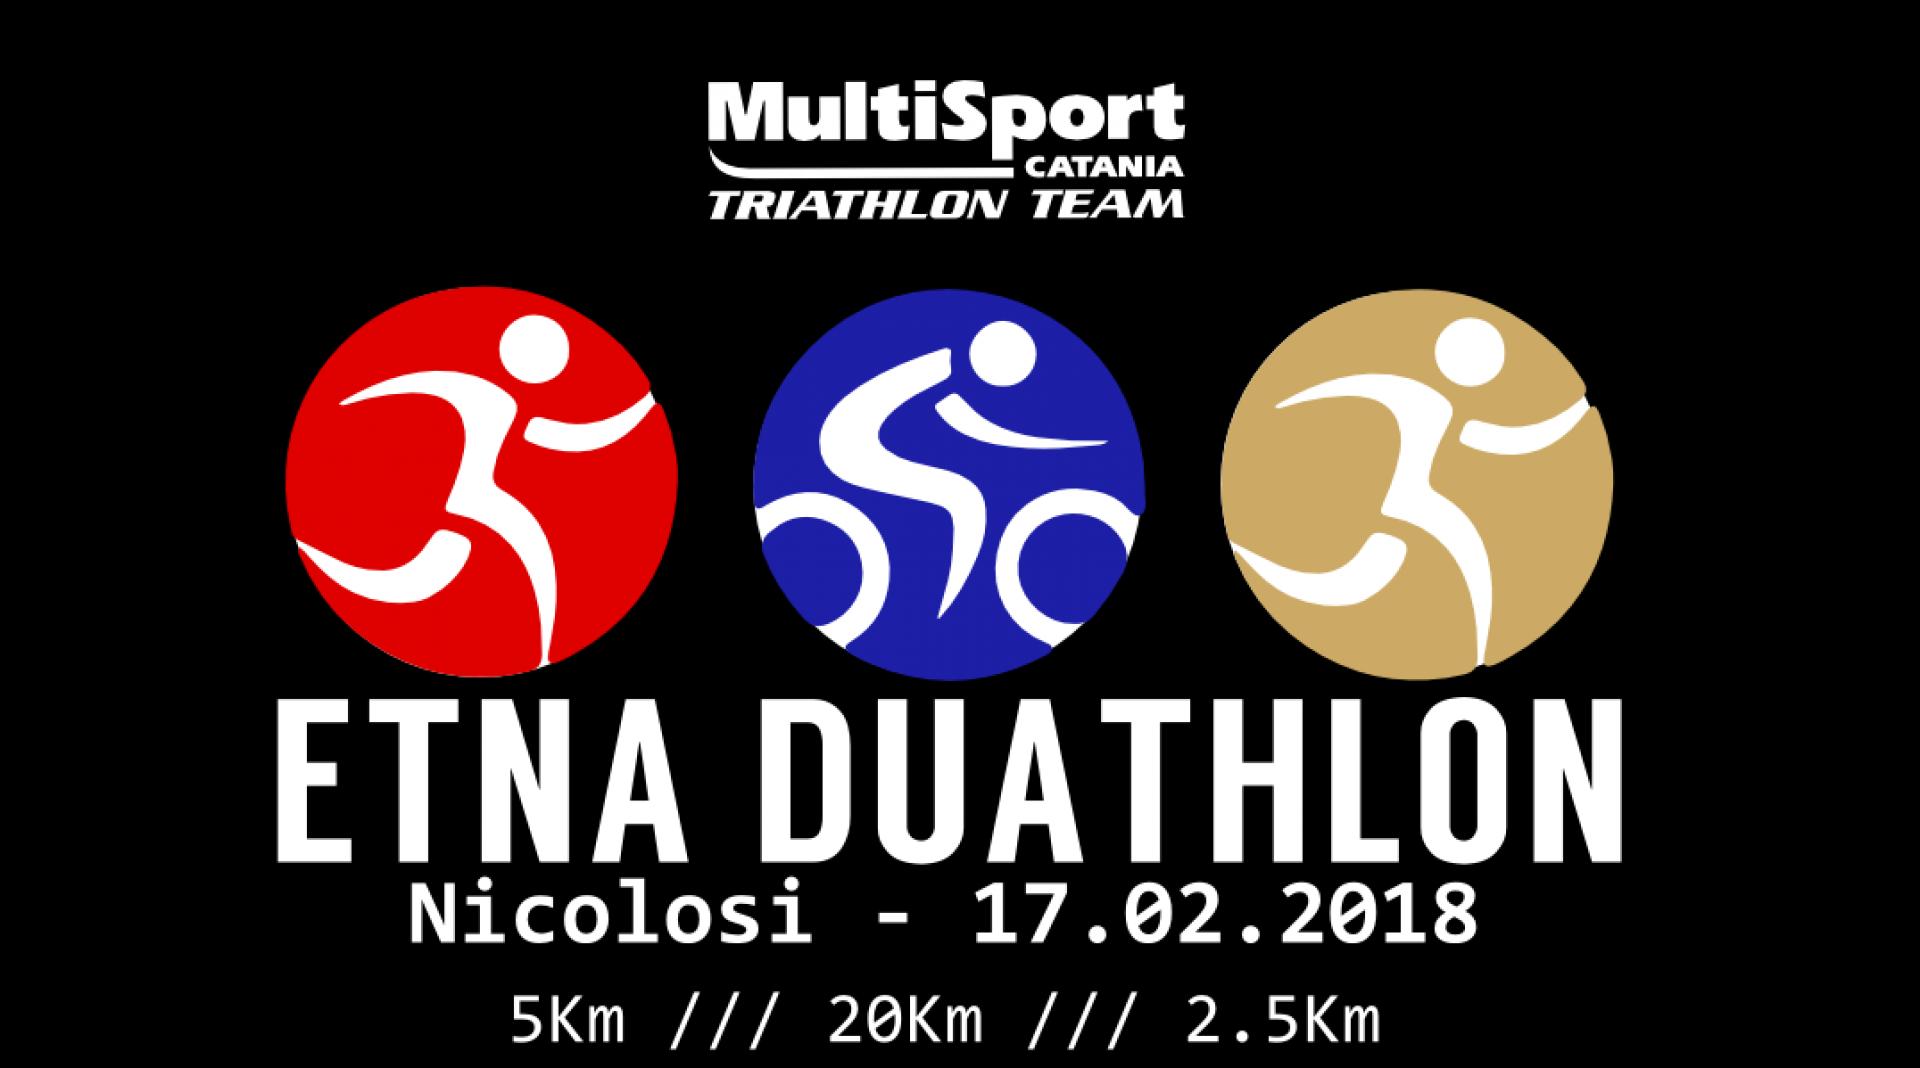 Multisport Catania Triathlon Team